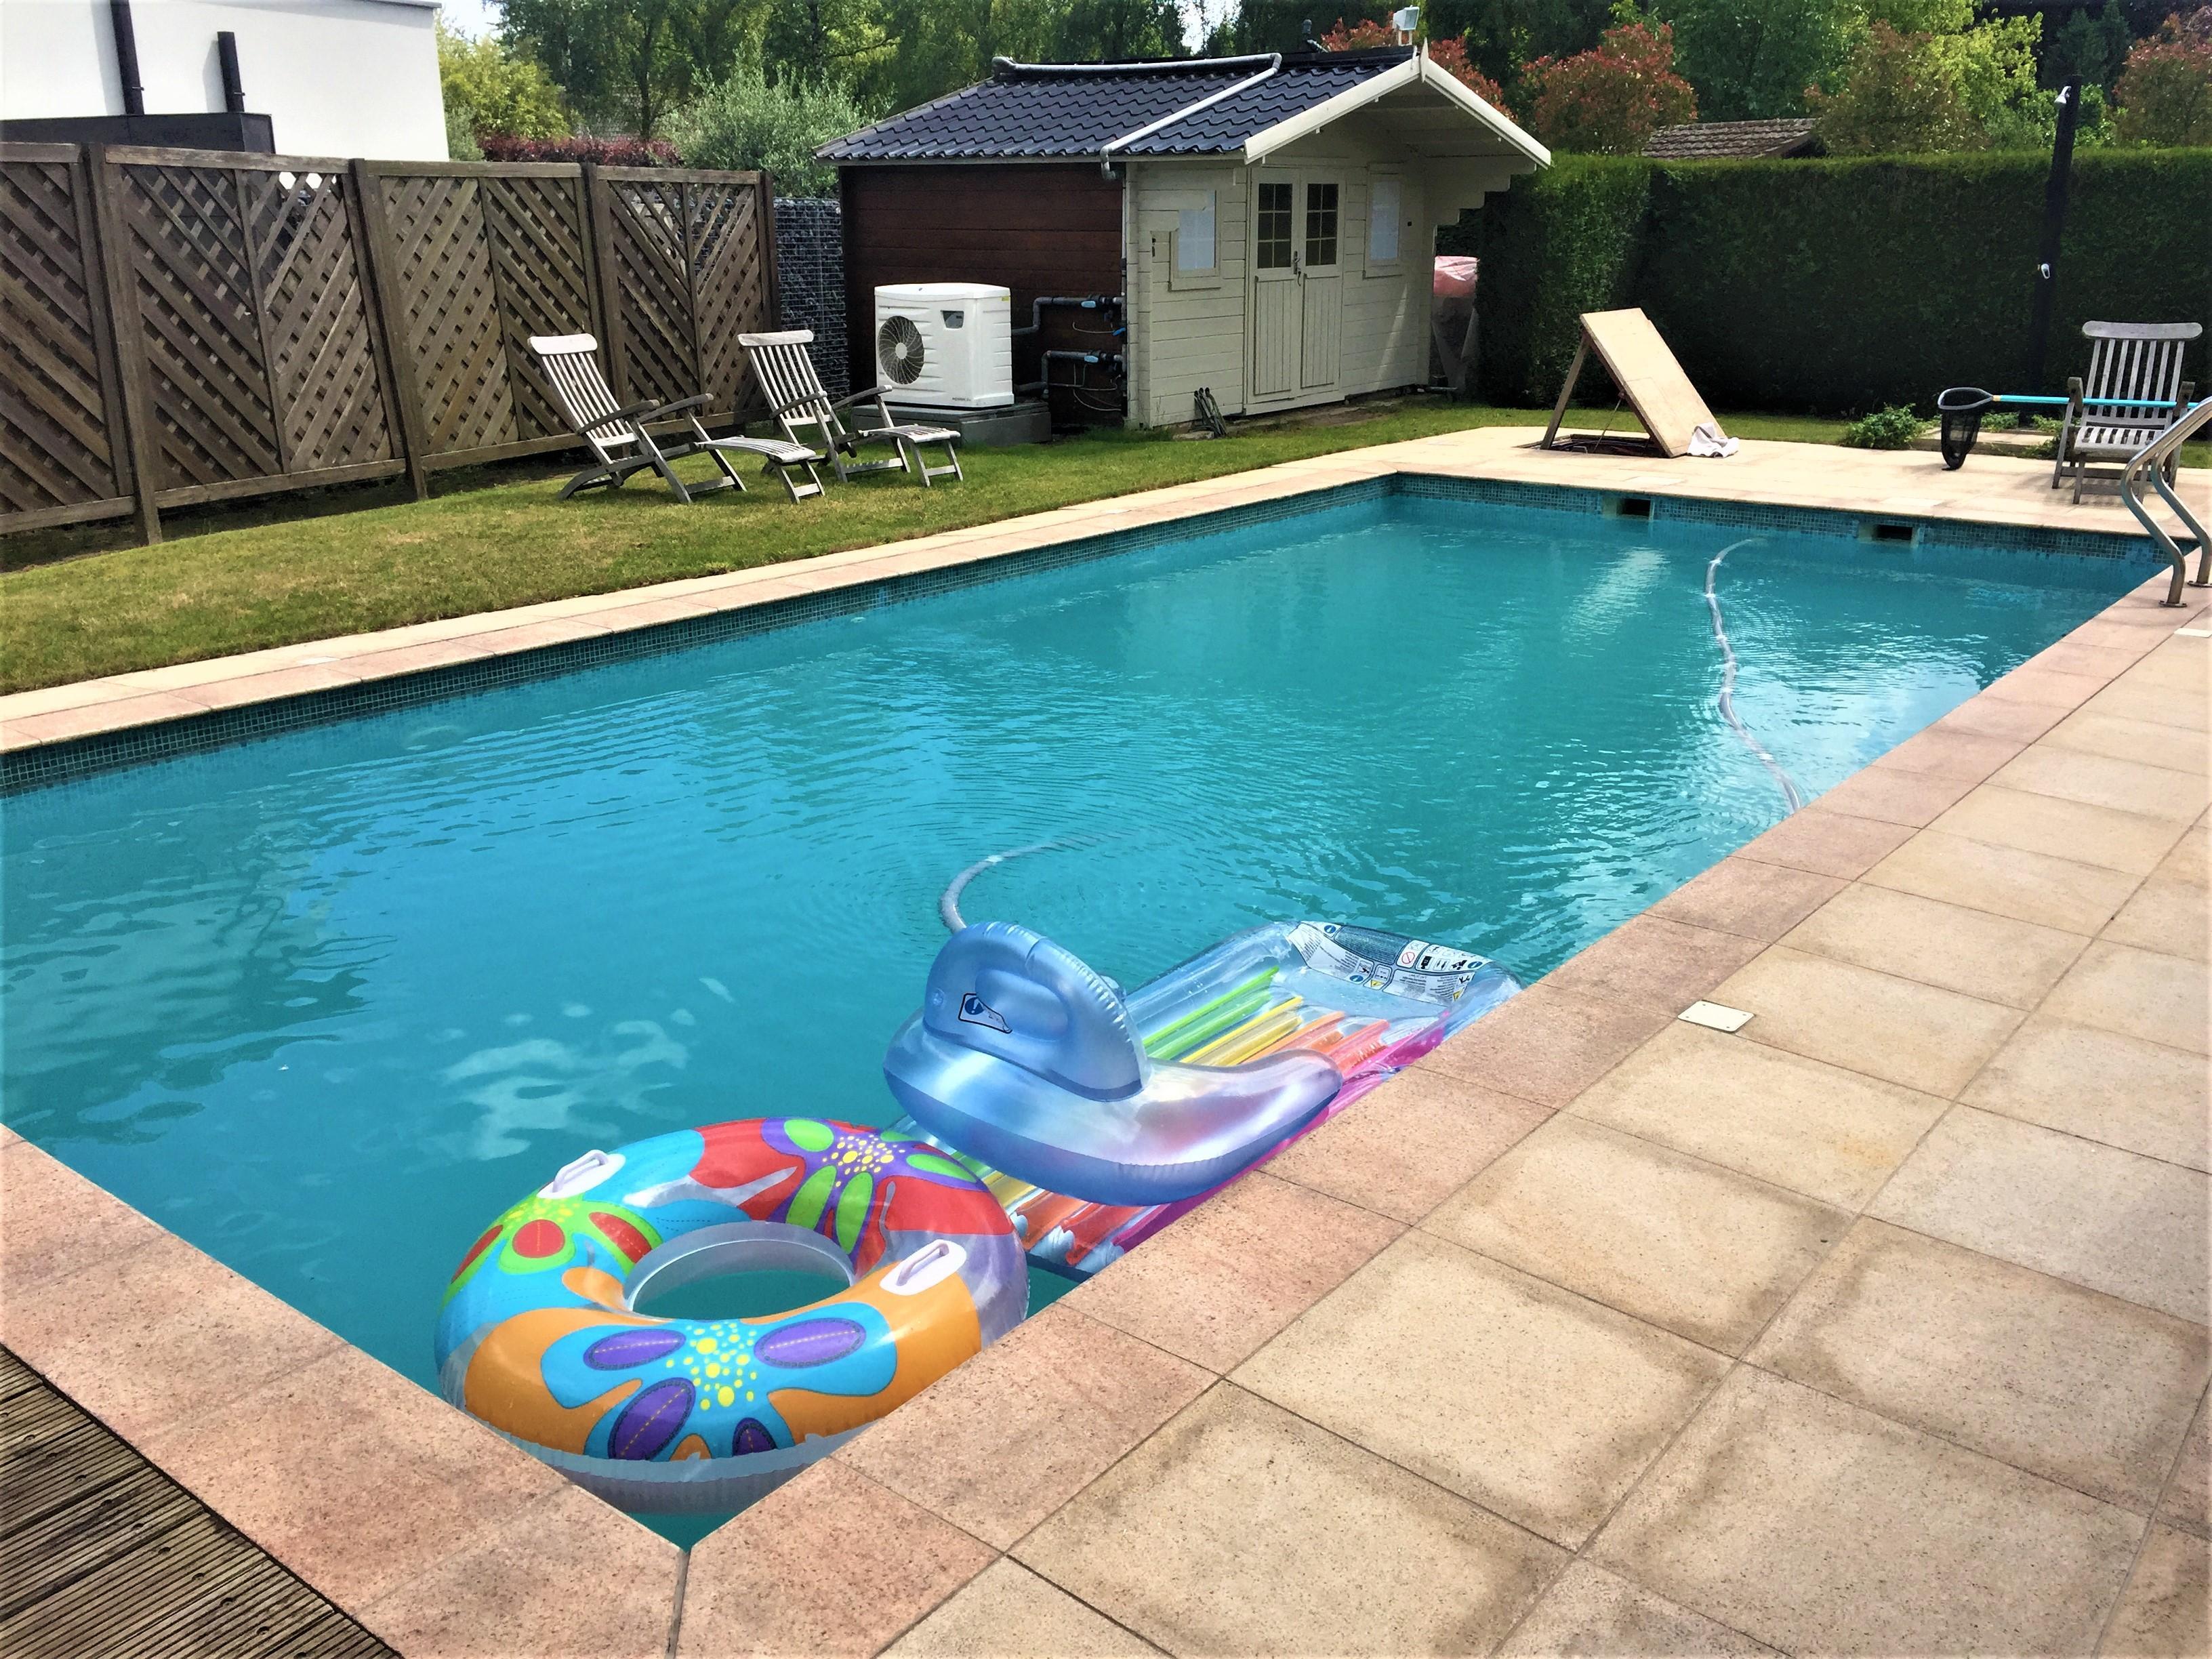 Vakantiegevoel in eigen tuin